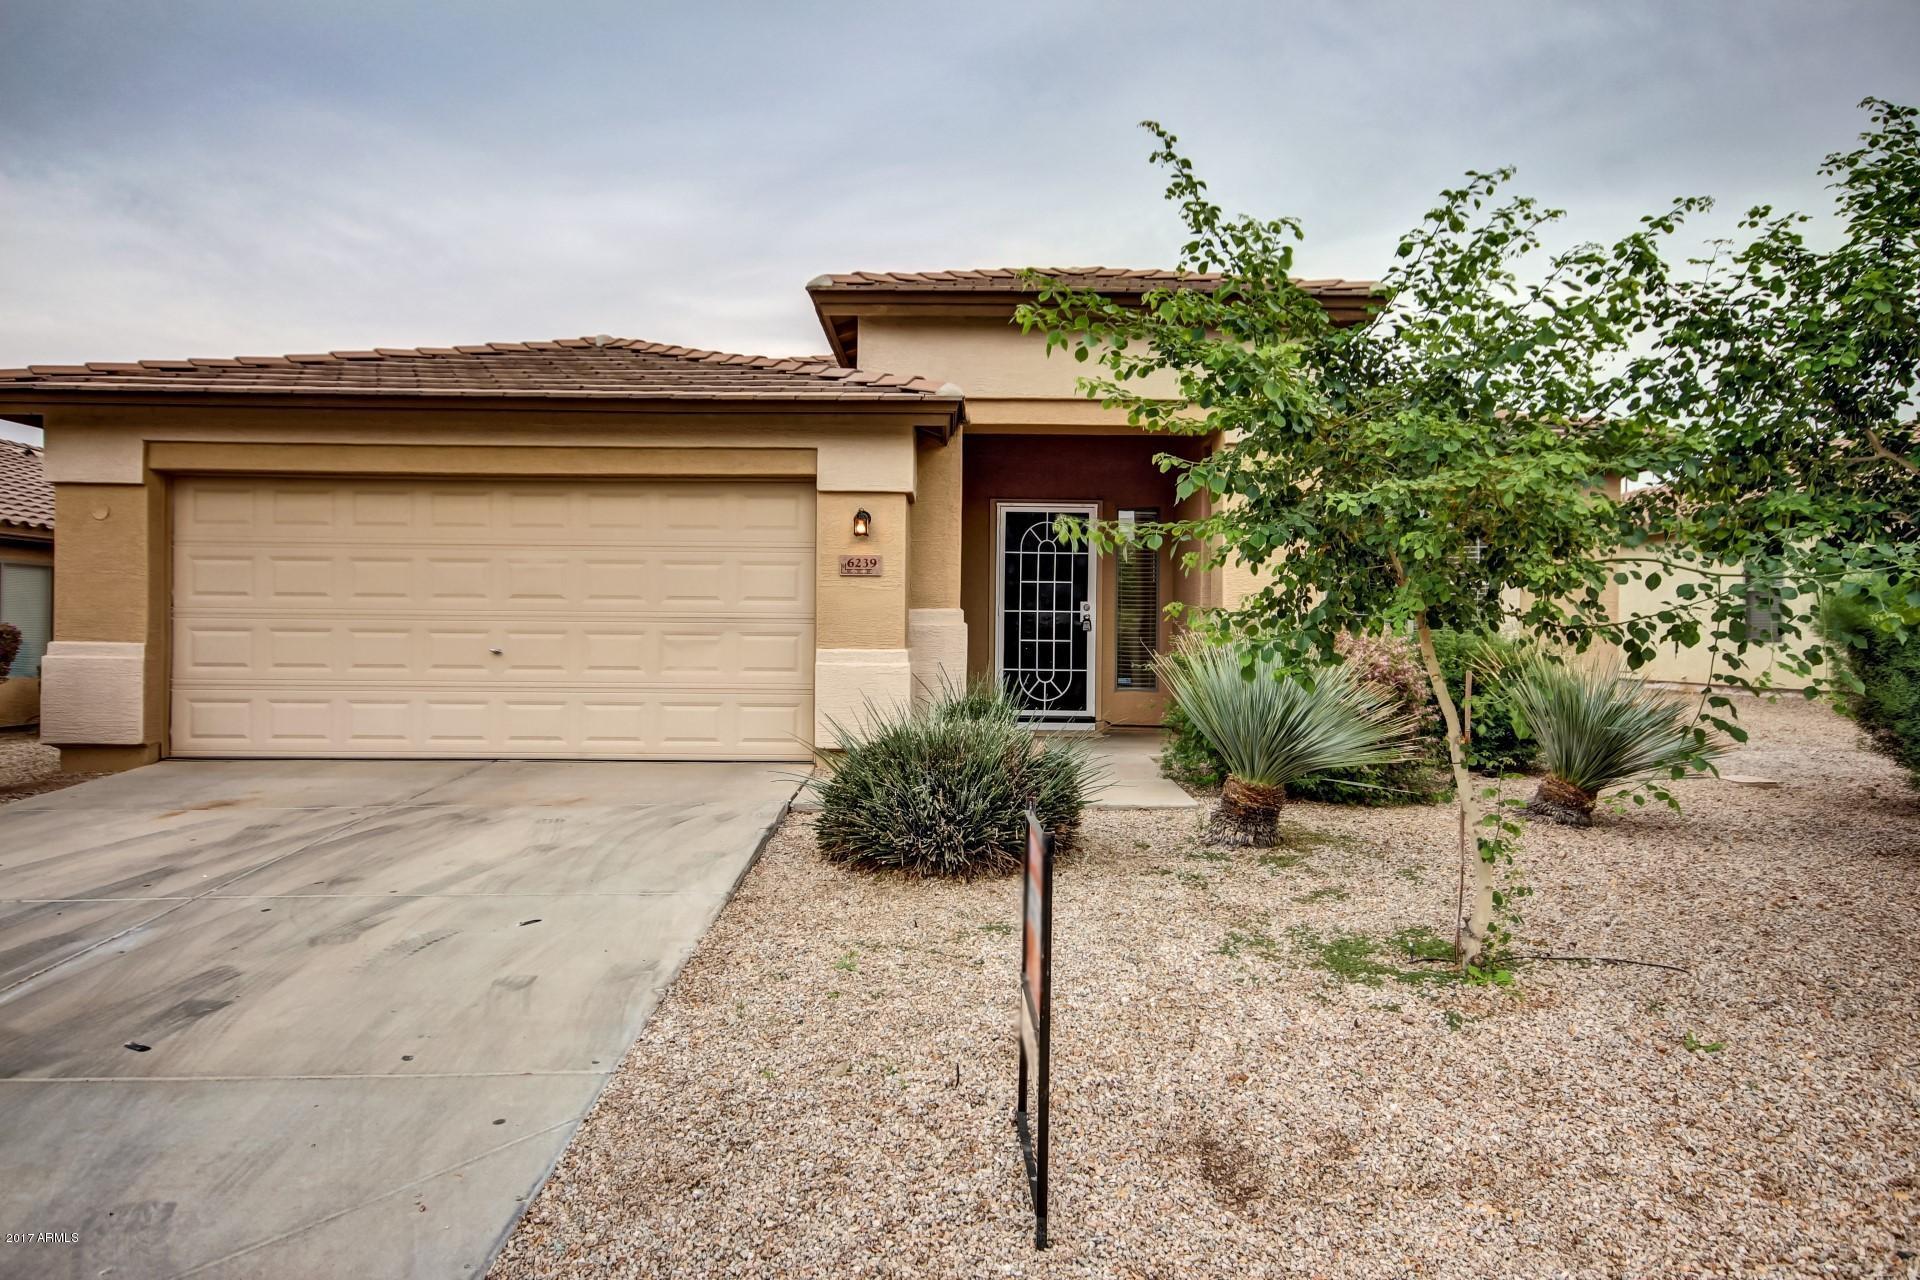 6239 S 21ST Drive Phoenix, AZ 85041 - MLS #: 5693021